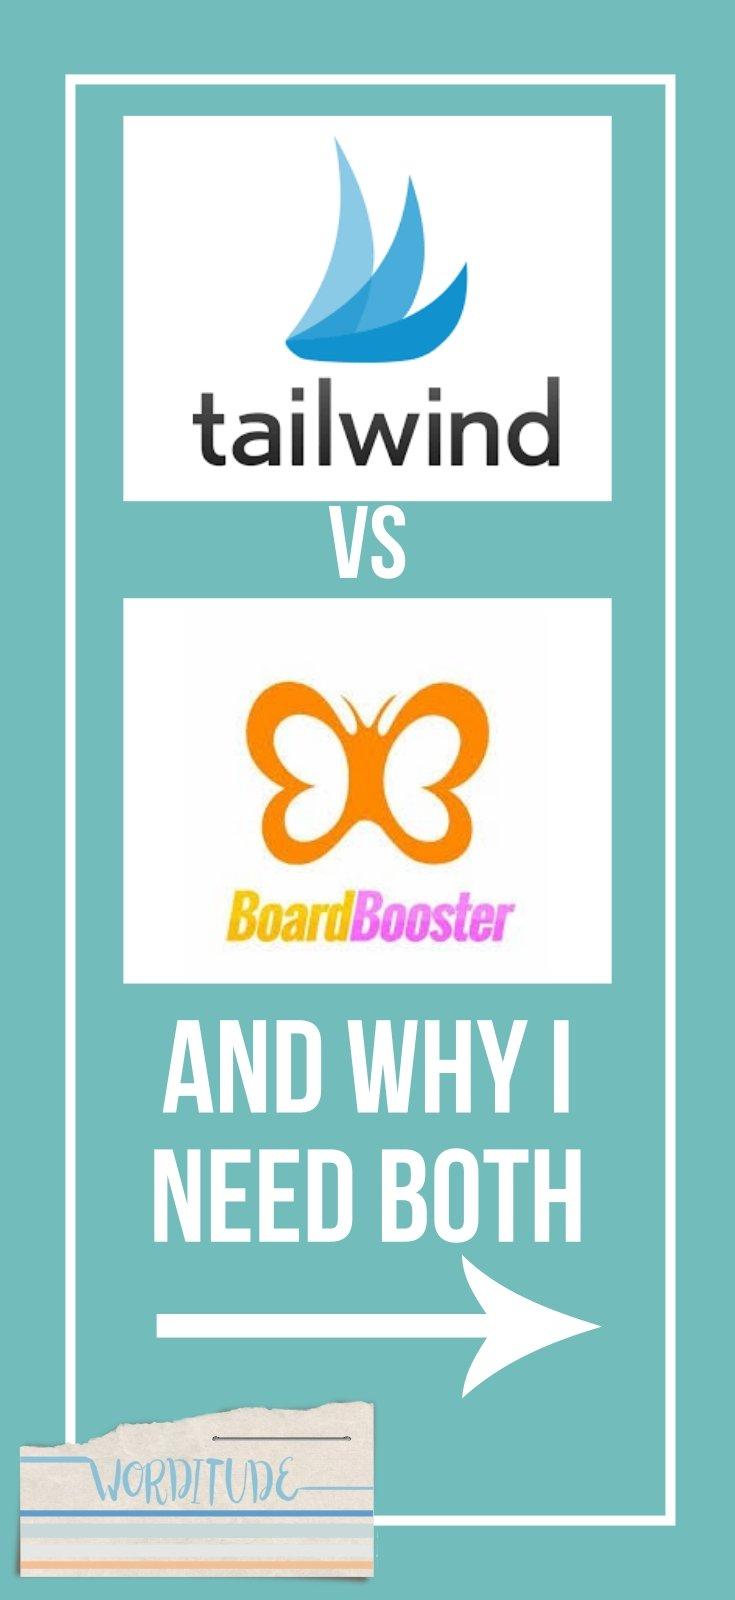 Tailwind vs Board Booster